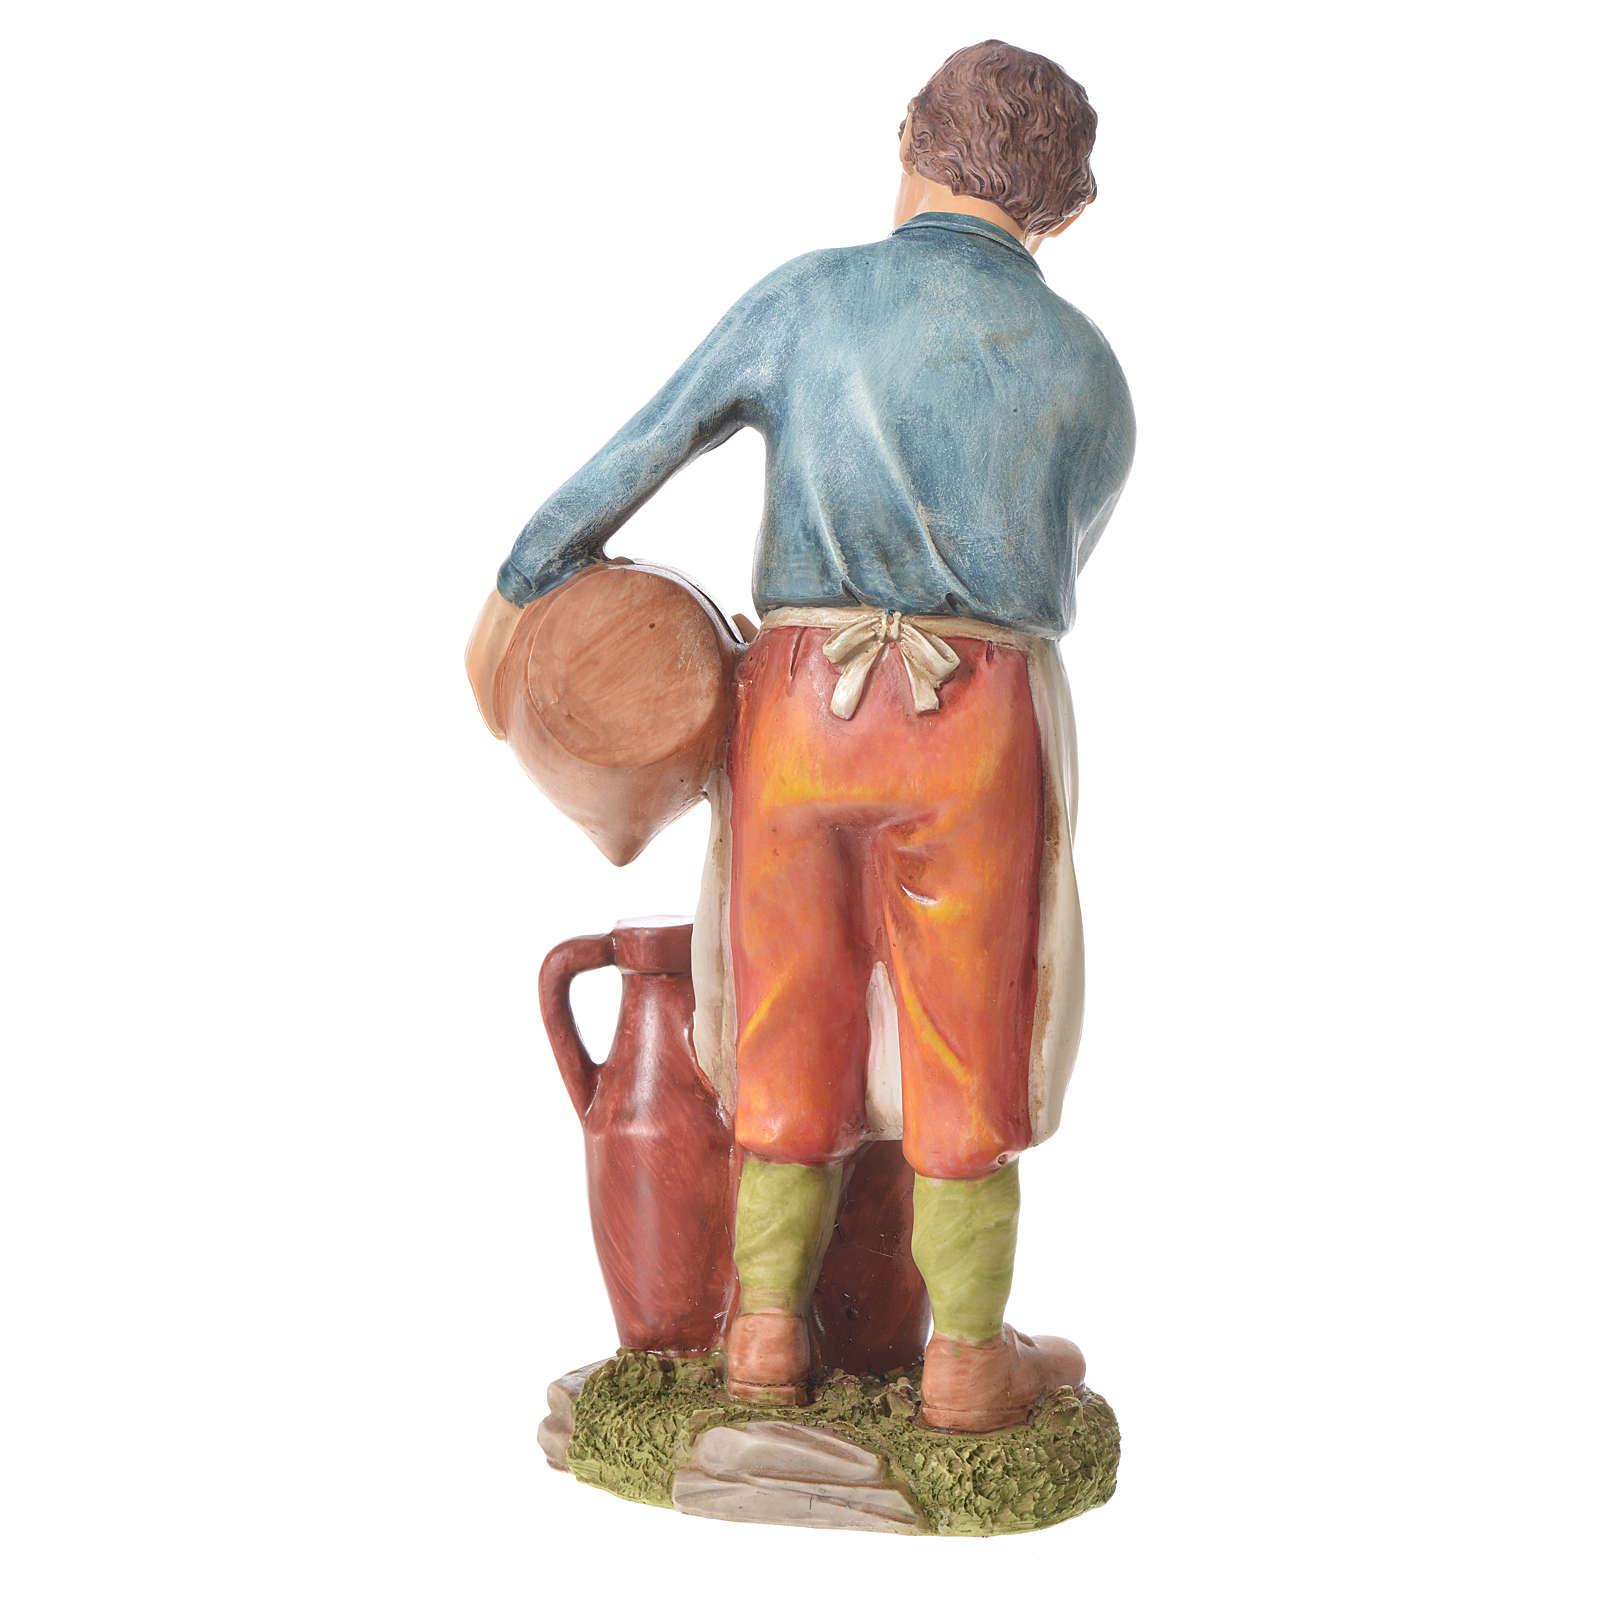 Uomo con anfore presepe 30 cm resina 3